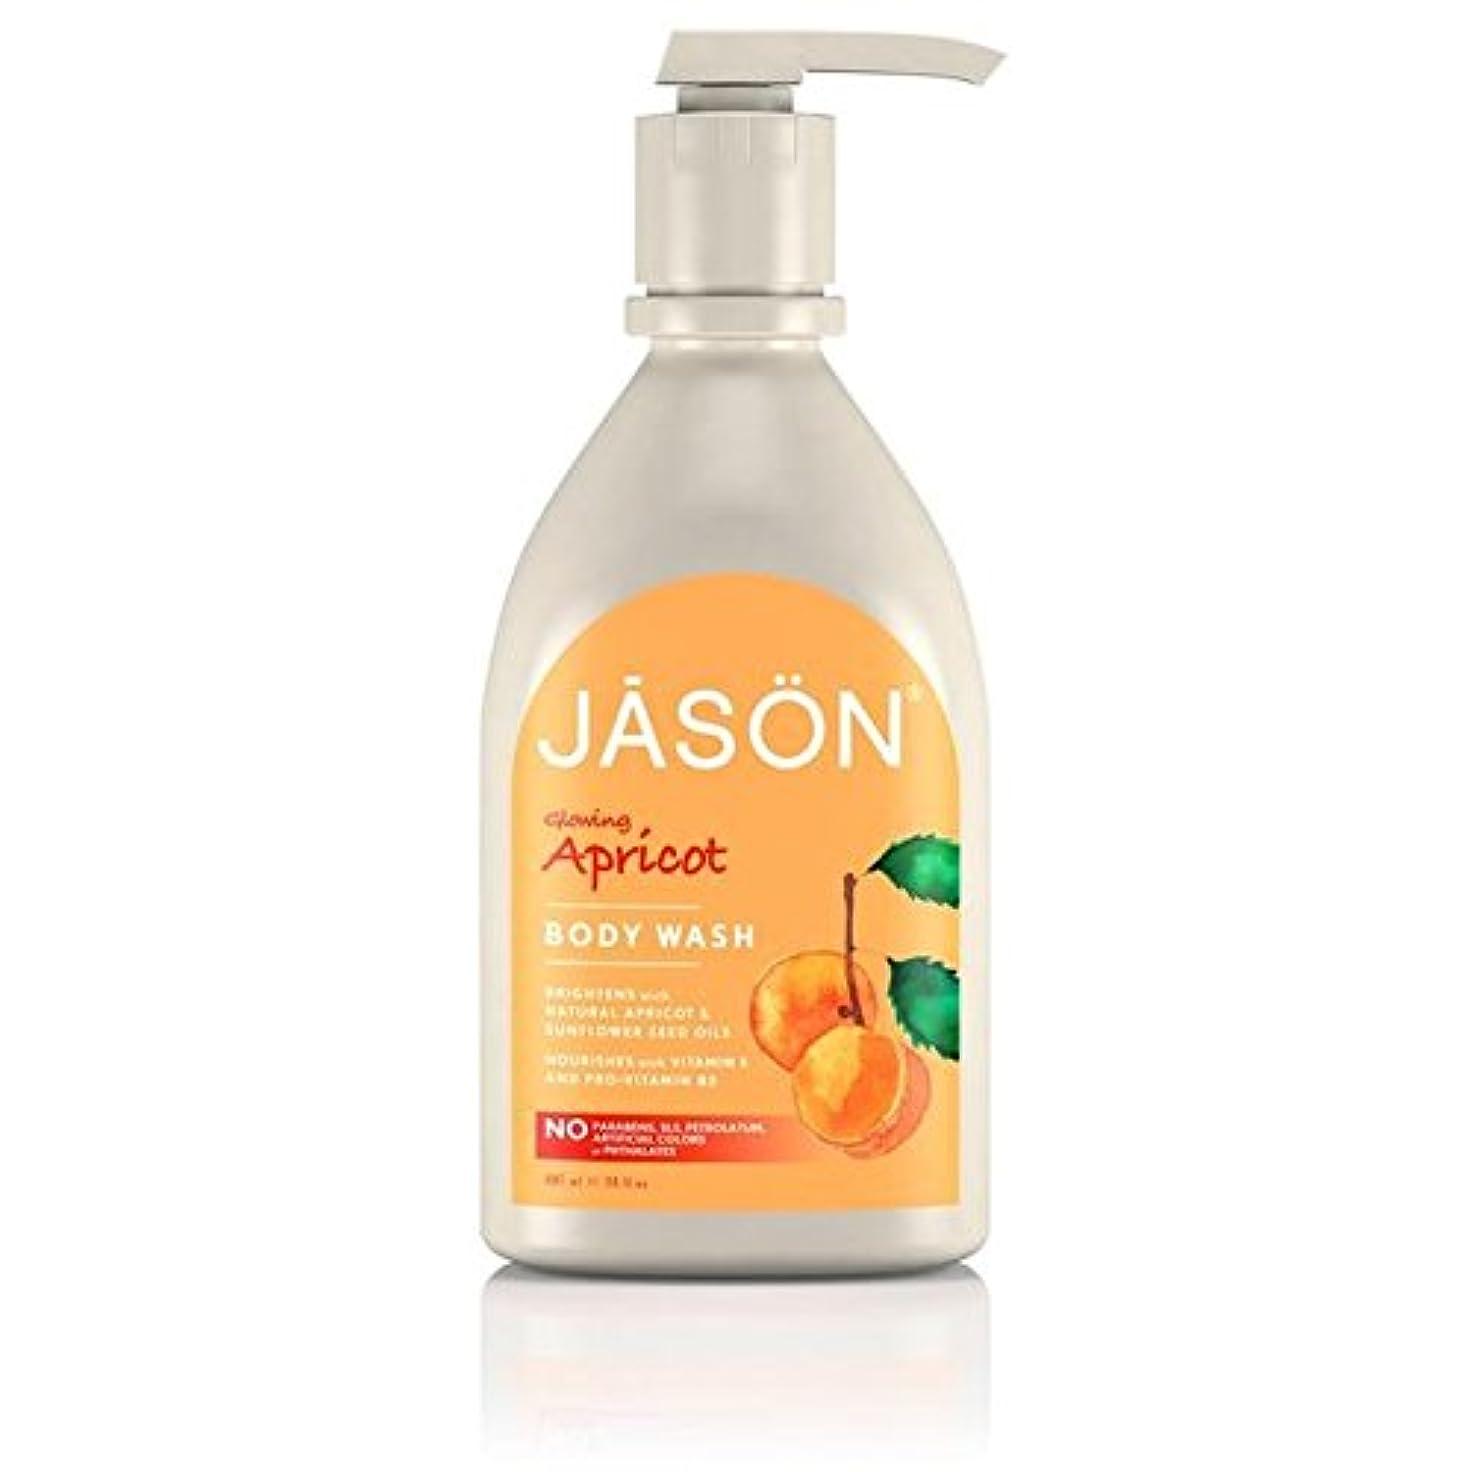 醸造所たくさん関数ジェイソン?アプリコットサテンボディウォッシュポンプ900ミリリットル x4 - Jason Apricot Satin Body Wash Pump 900ml (Pack of 4) [並行輸入品]